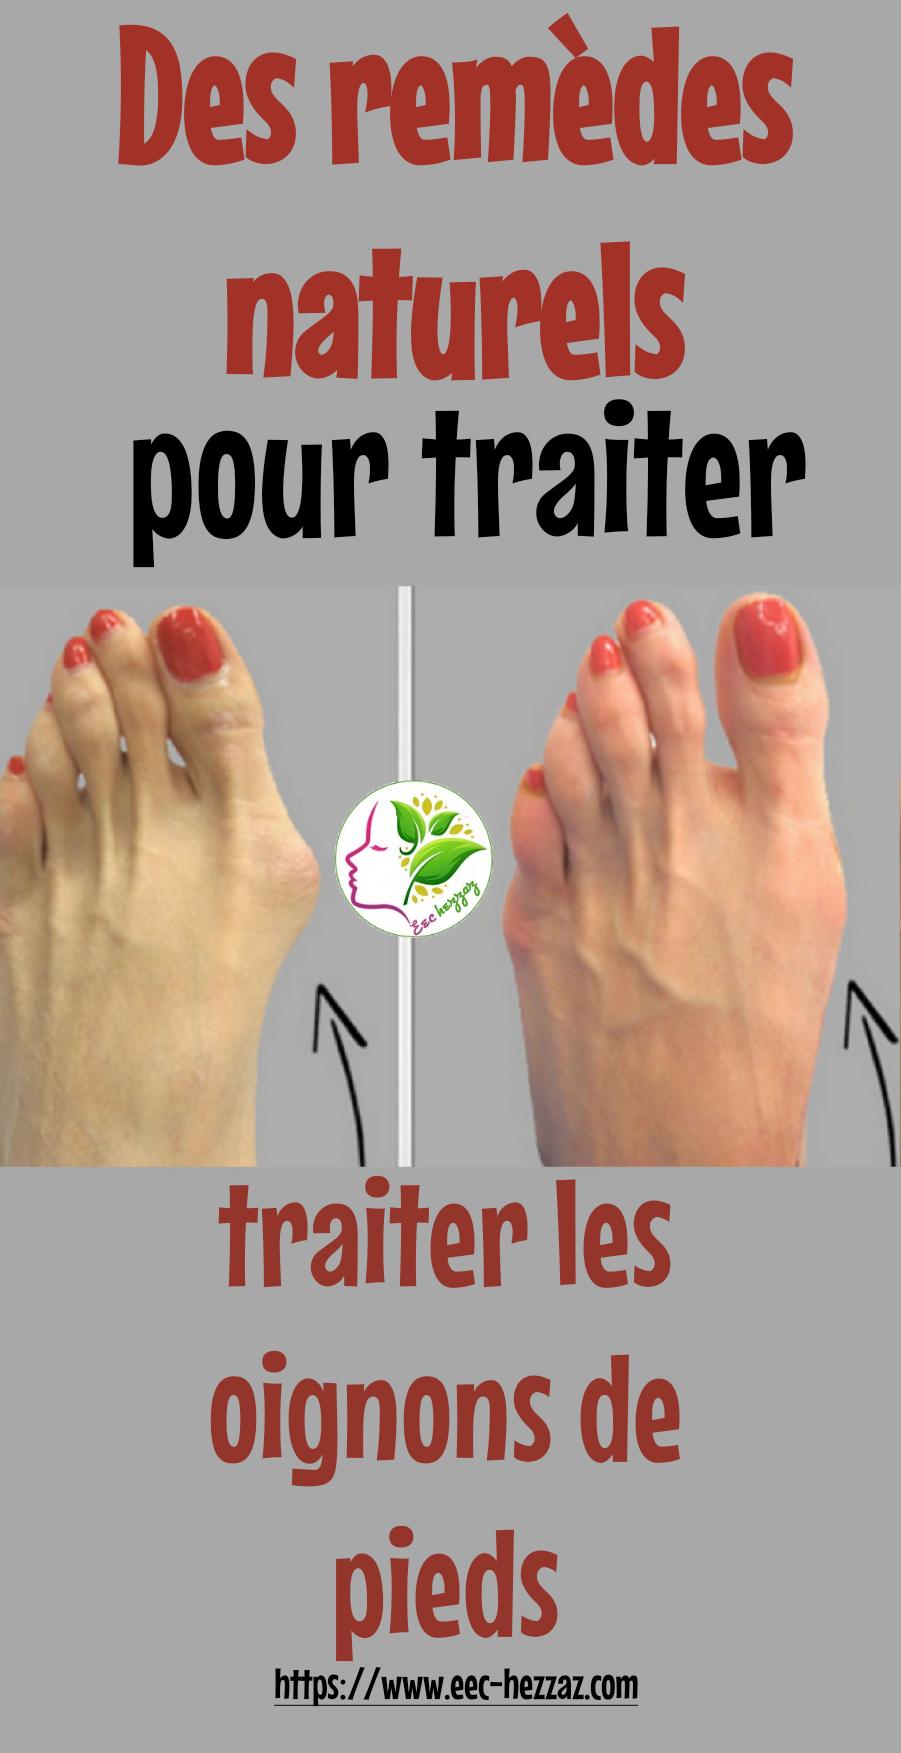 Des remèdes naturels pour traiter les oignons de pieds